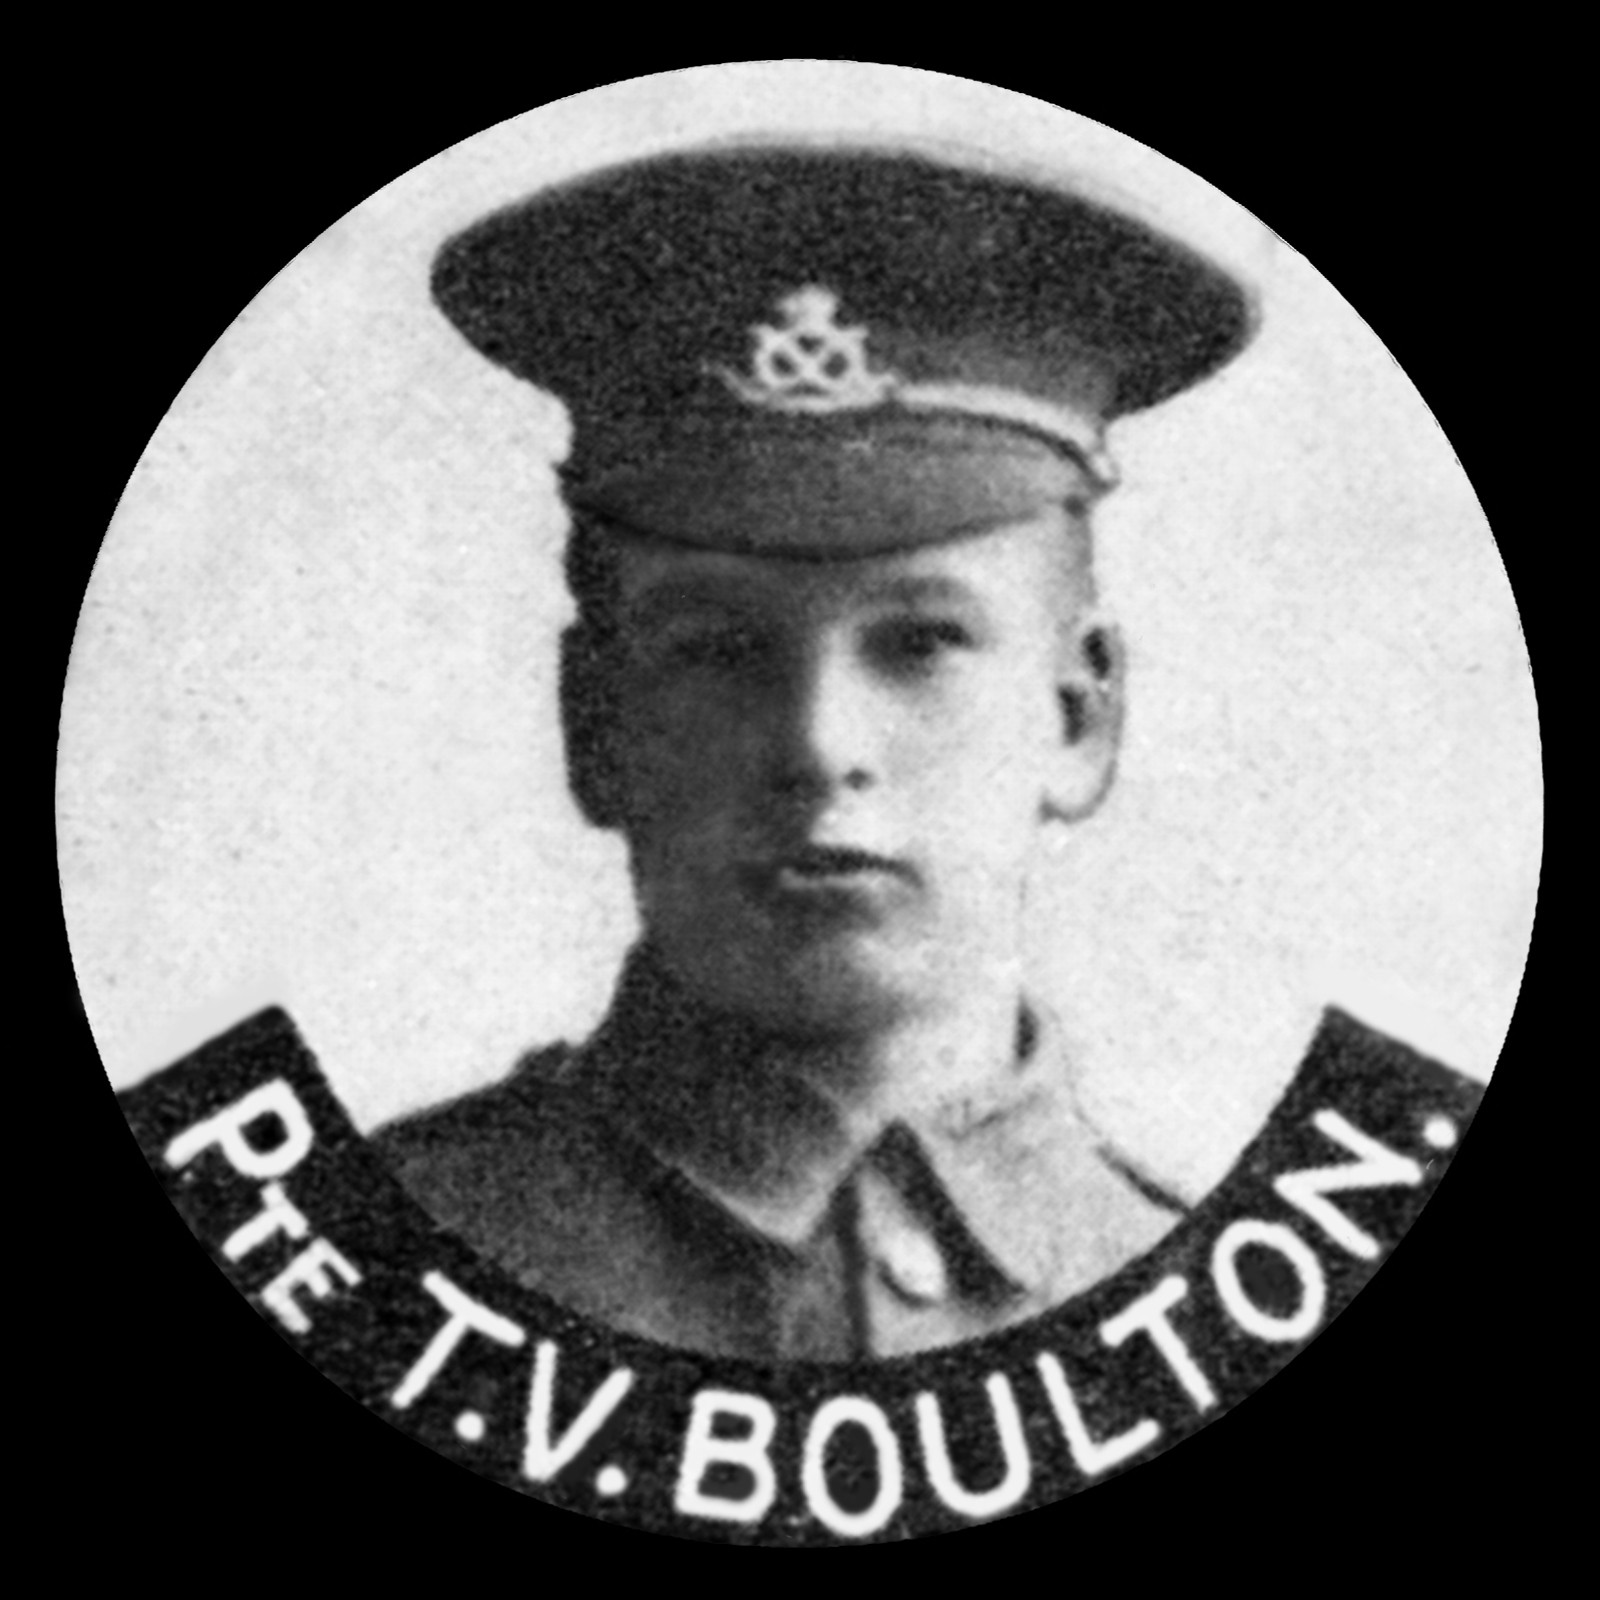 BOULTON Thomas Vernon